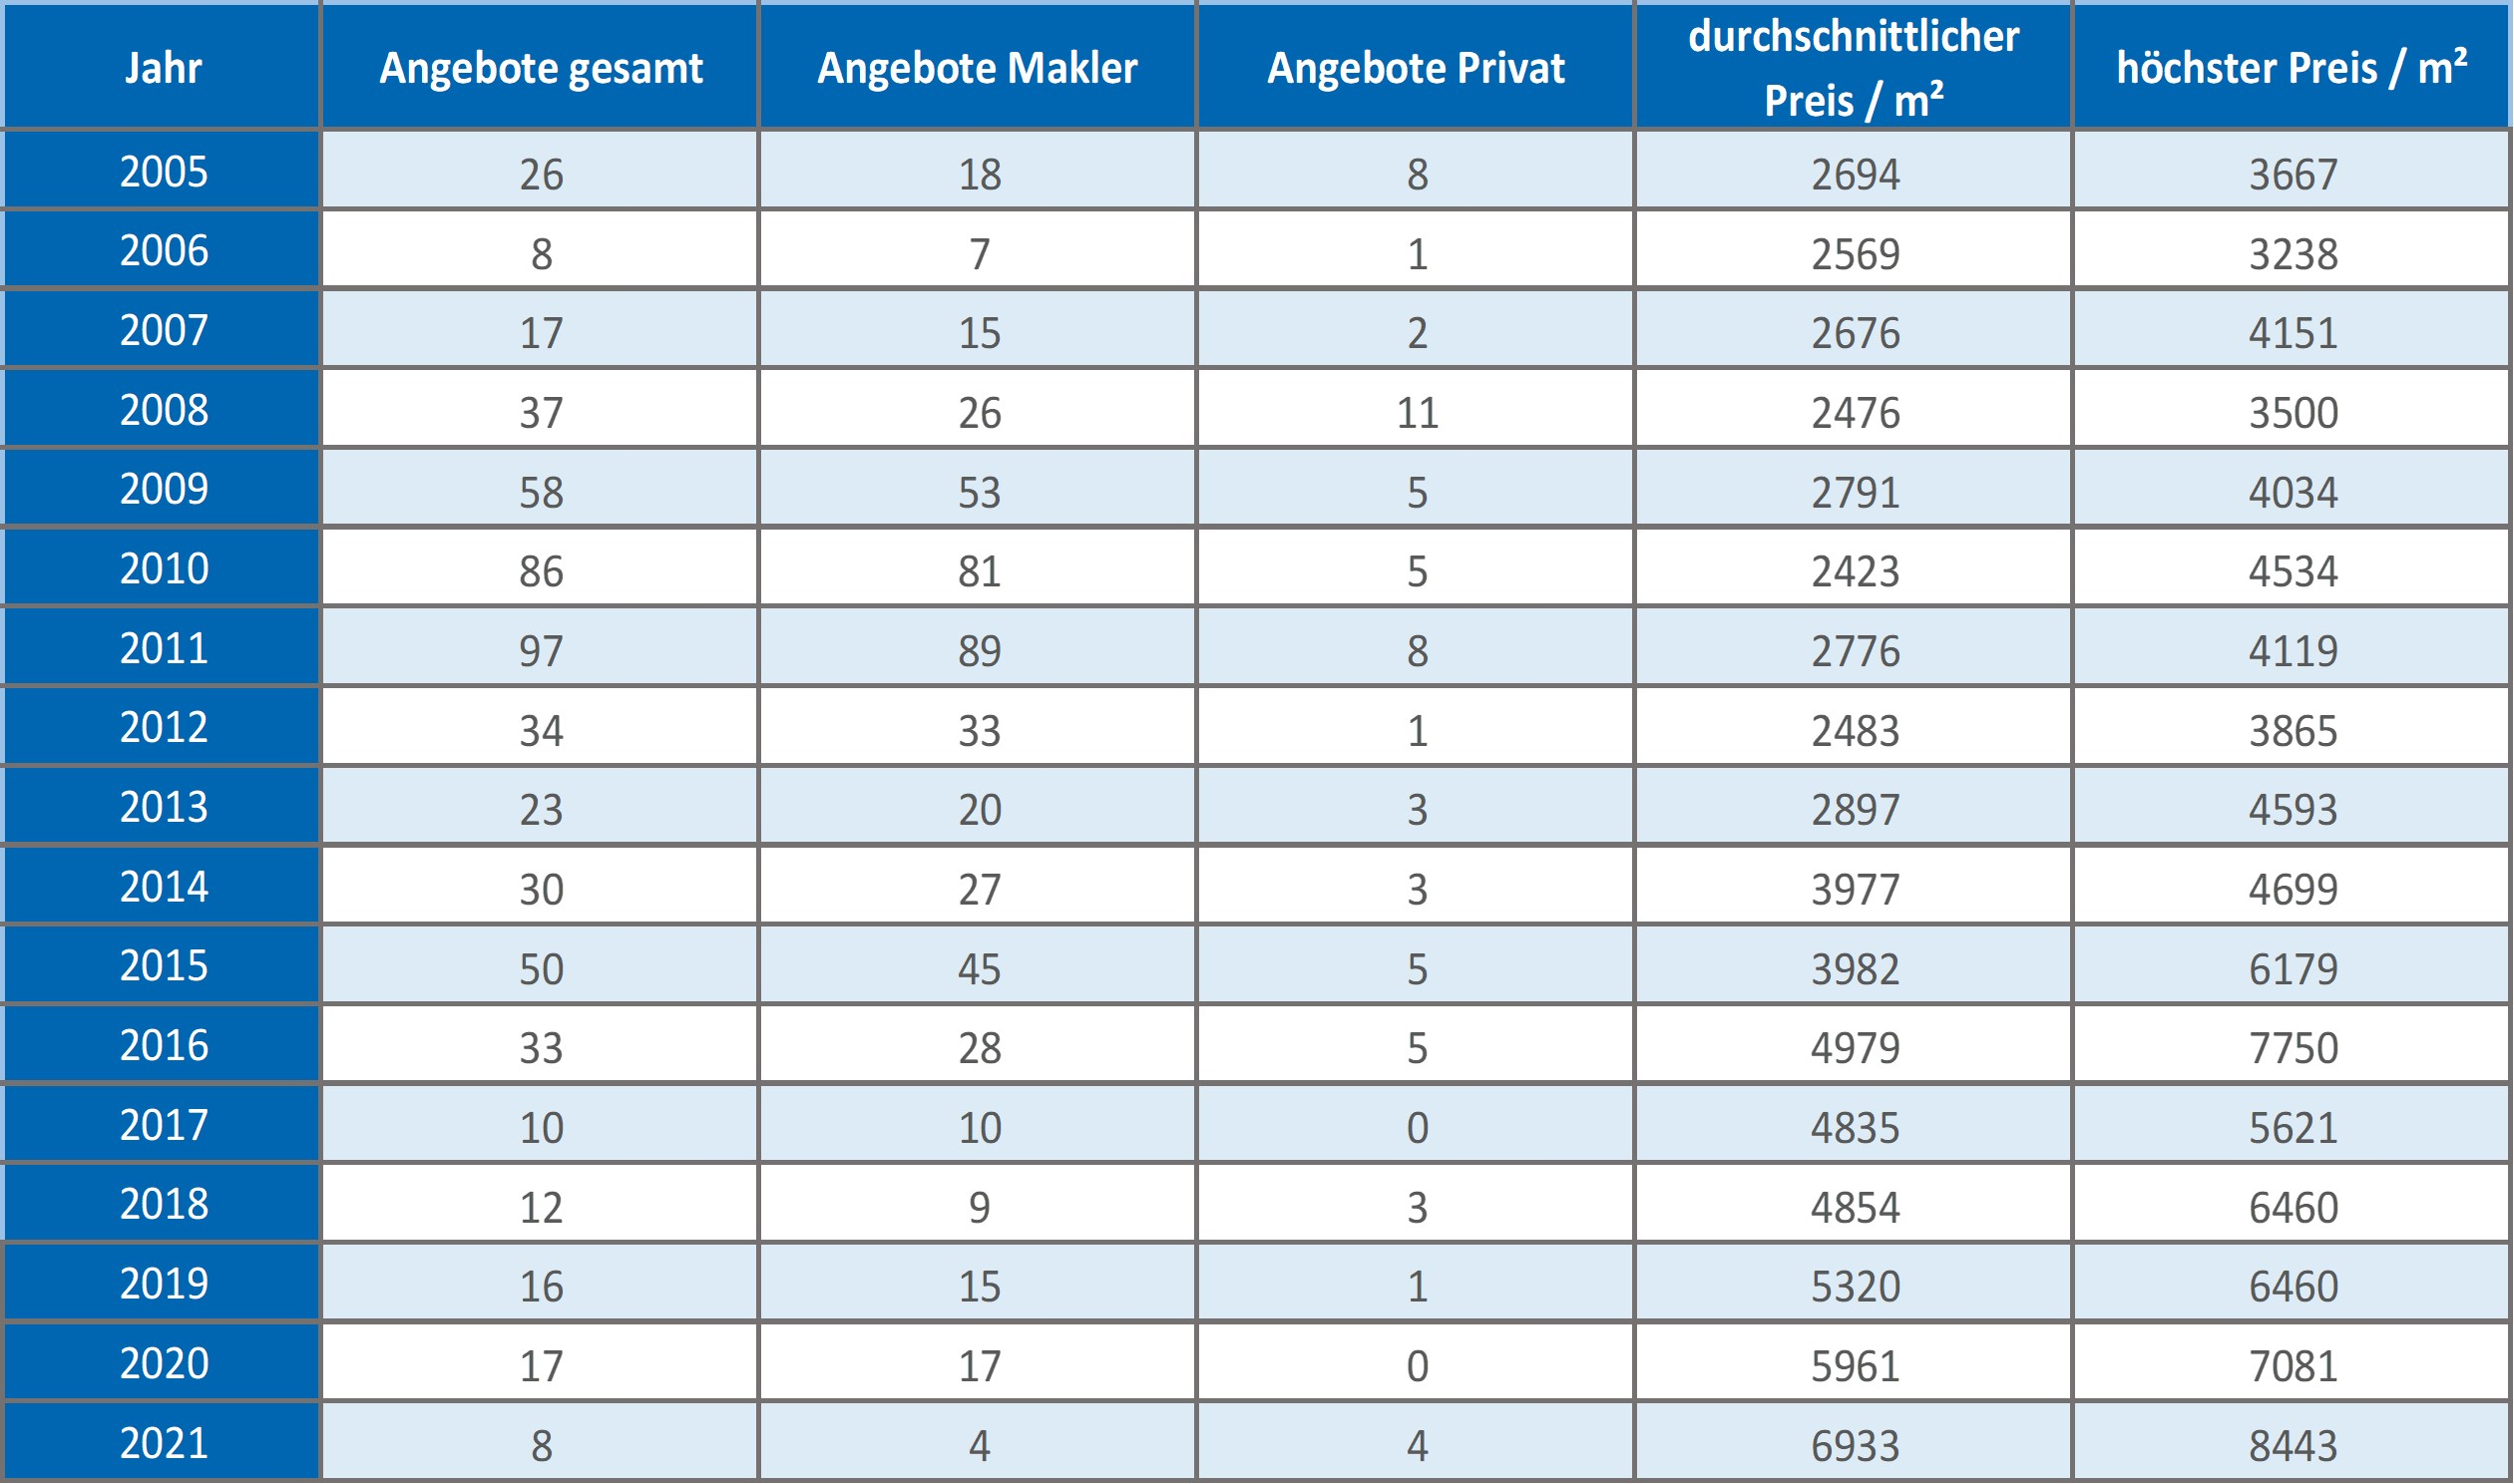 Anzing-Haus-kaufen-verkaufen-Makler 2019, 2020, 2021